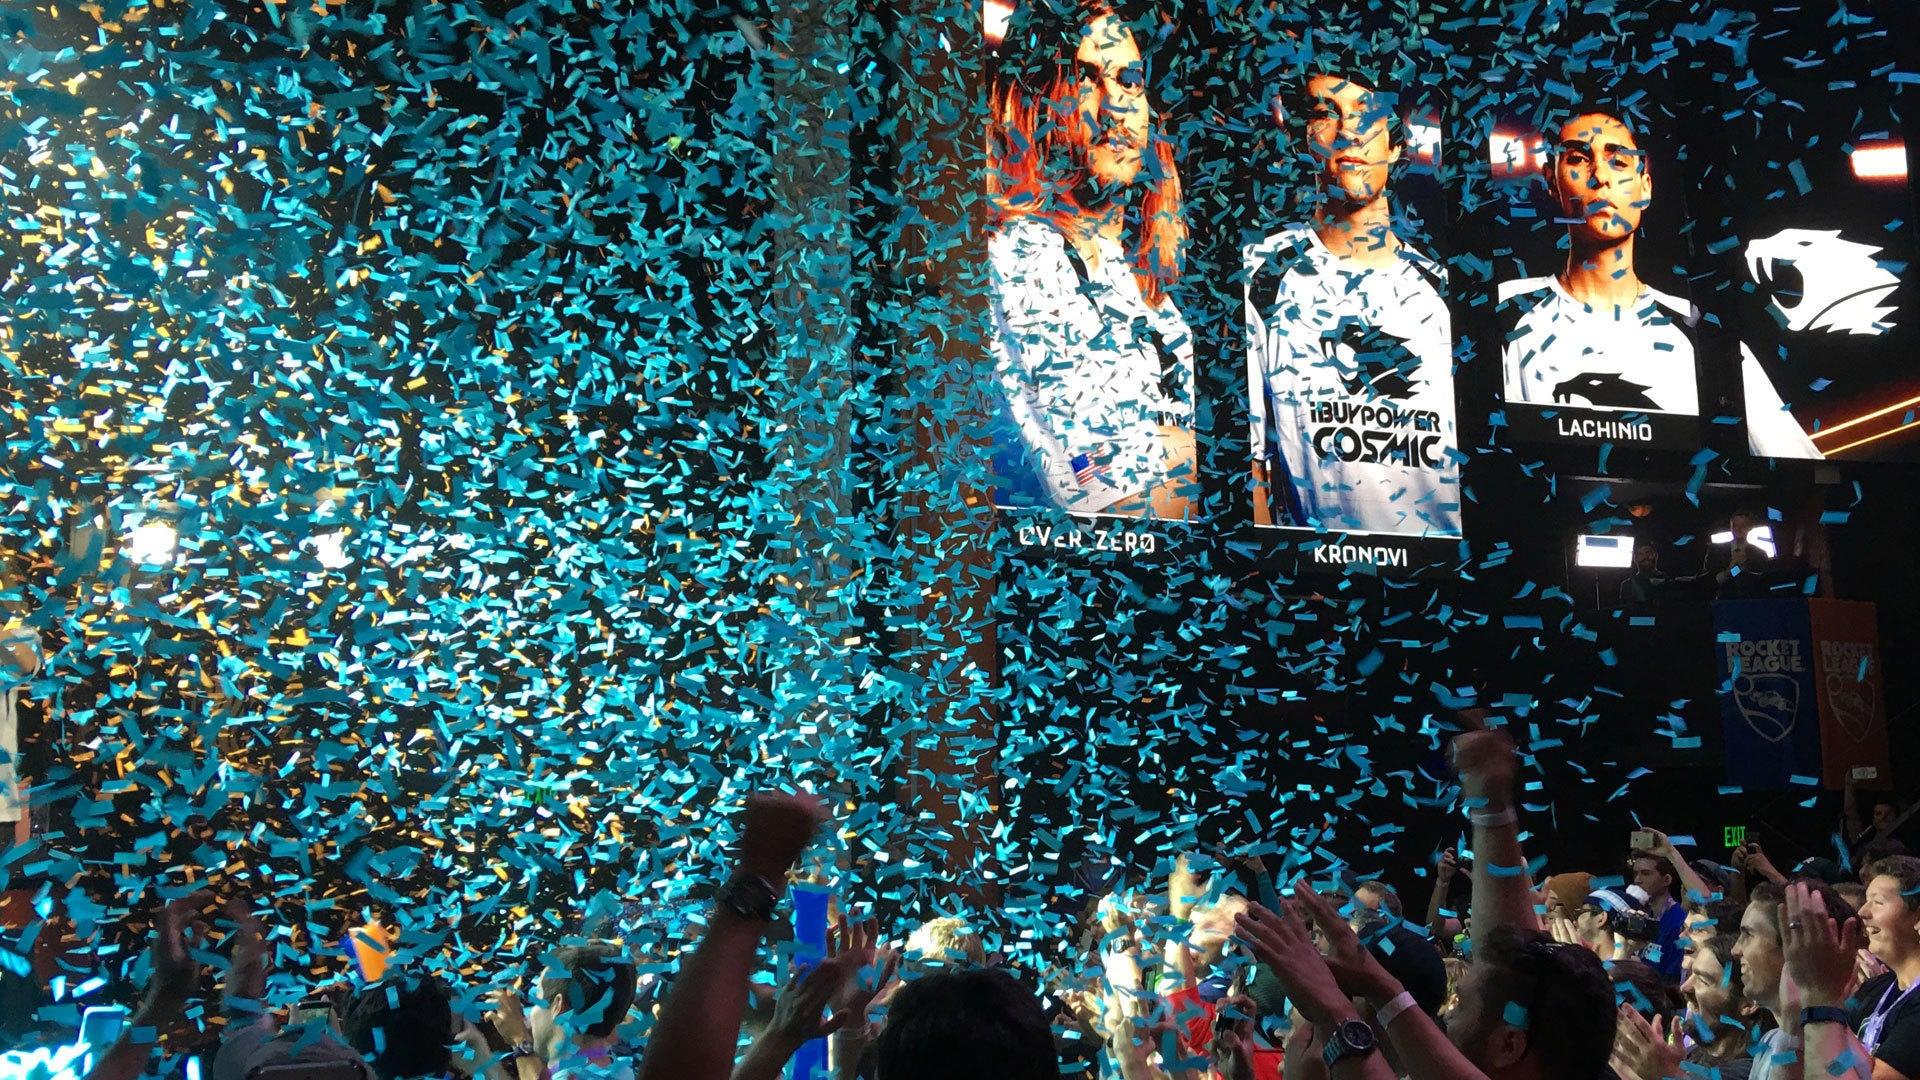 RLCS LIVE FINALS RECAP Image